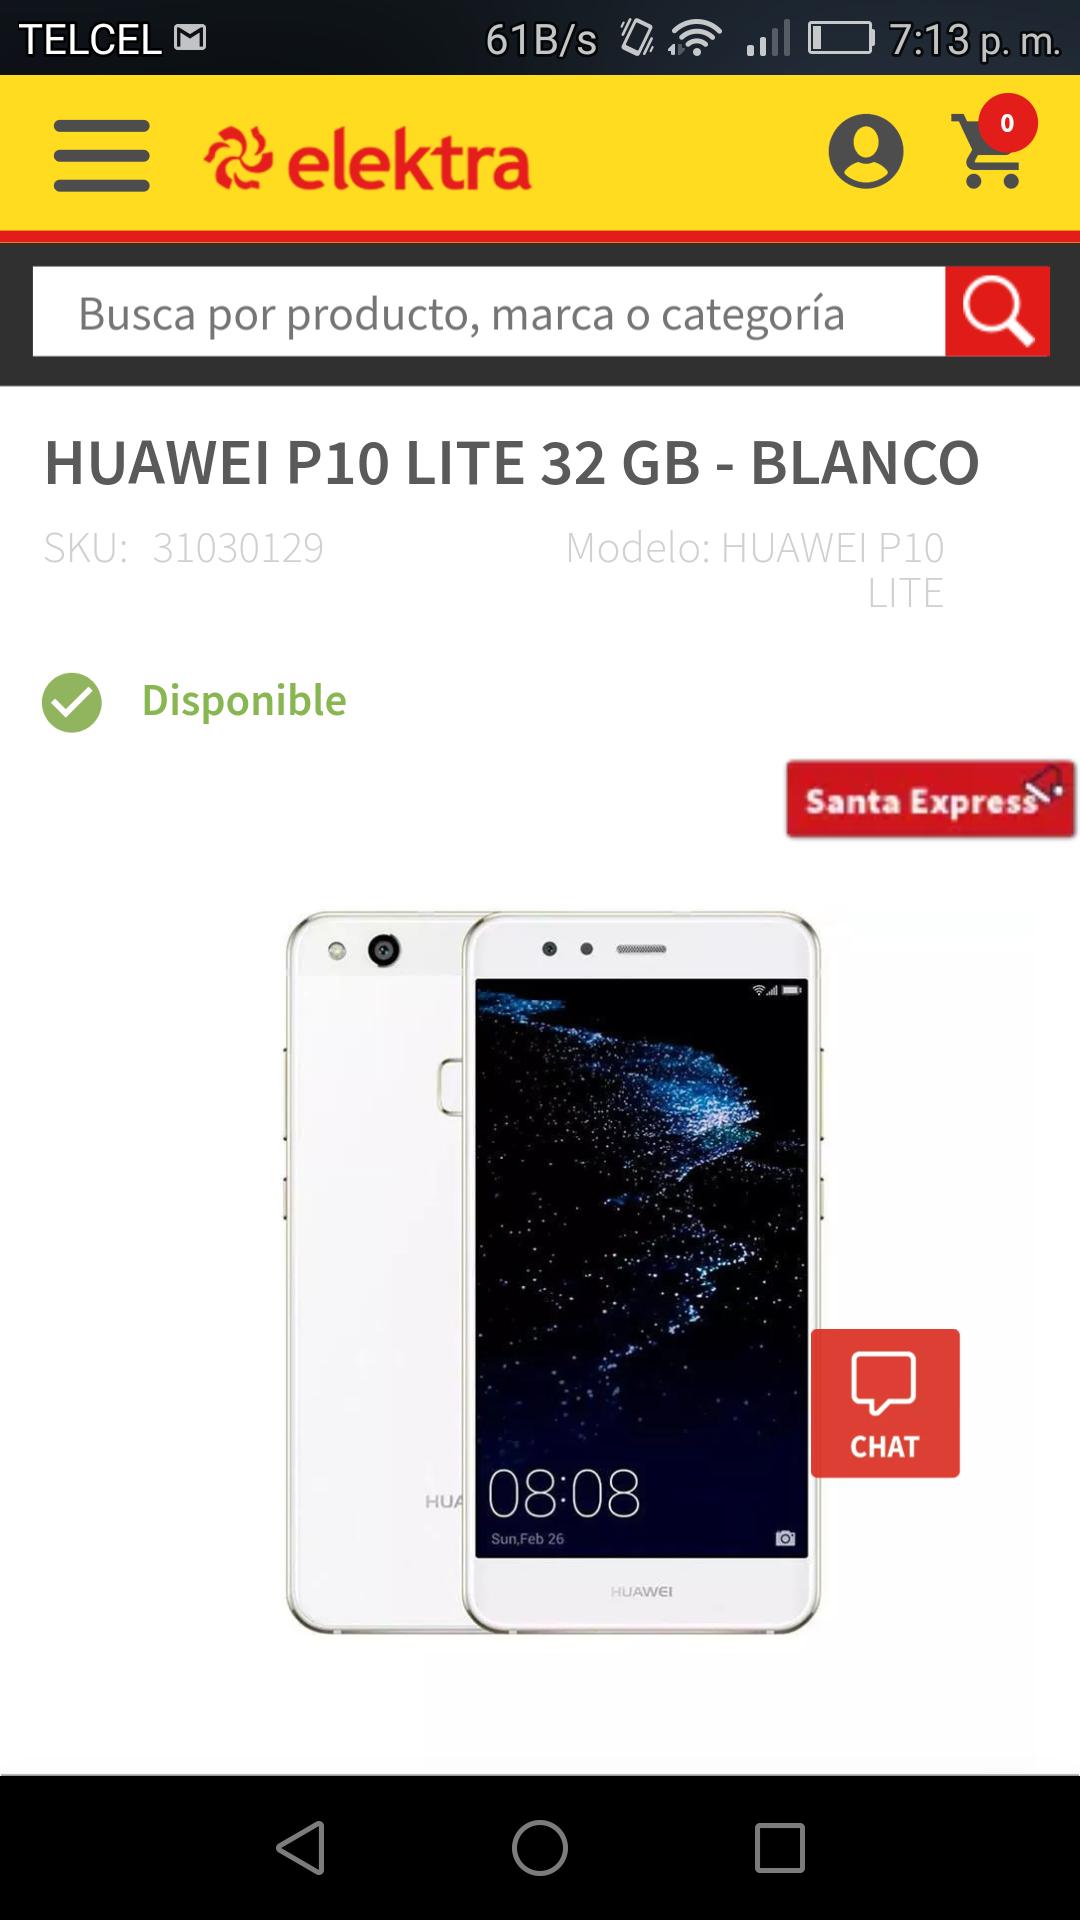 Elektra: Huawei P10 lite blanco o dorado con MercadoPago